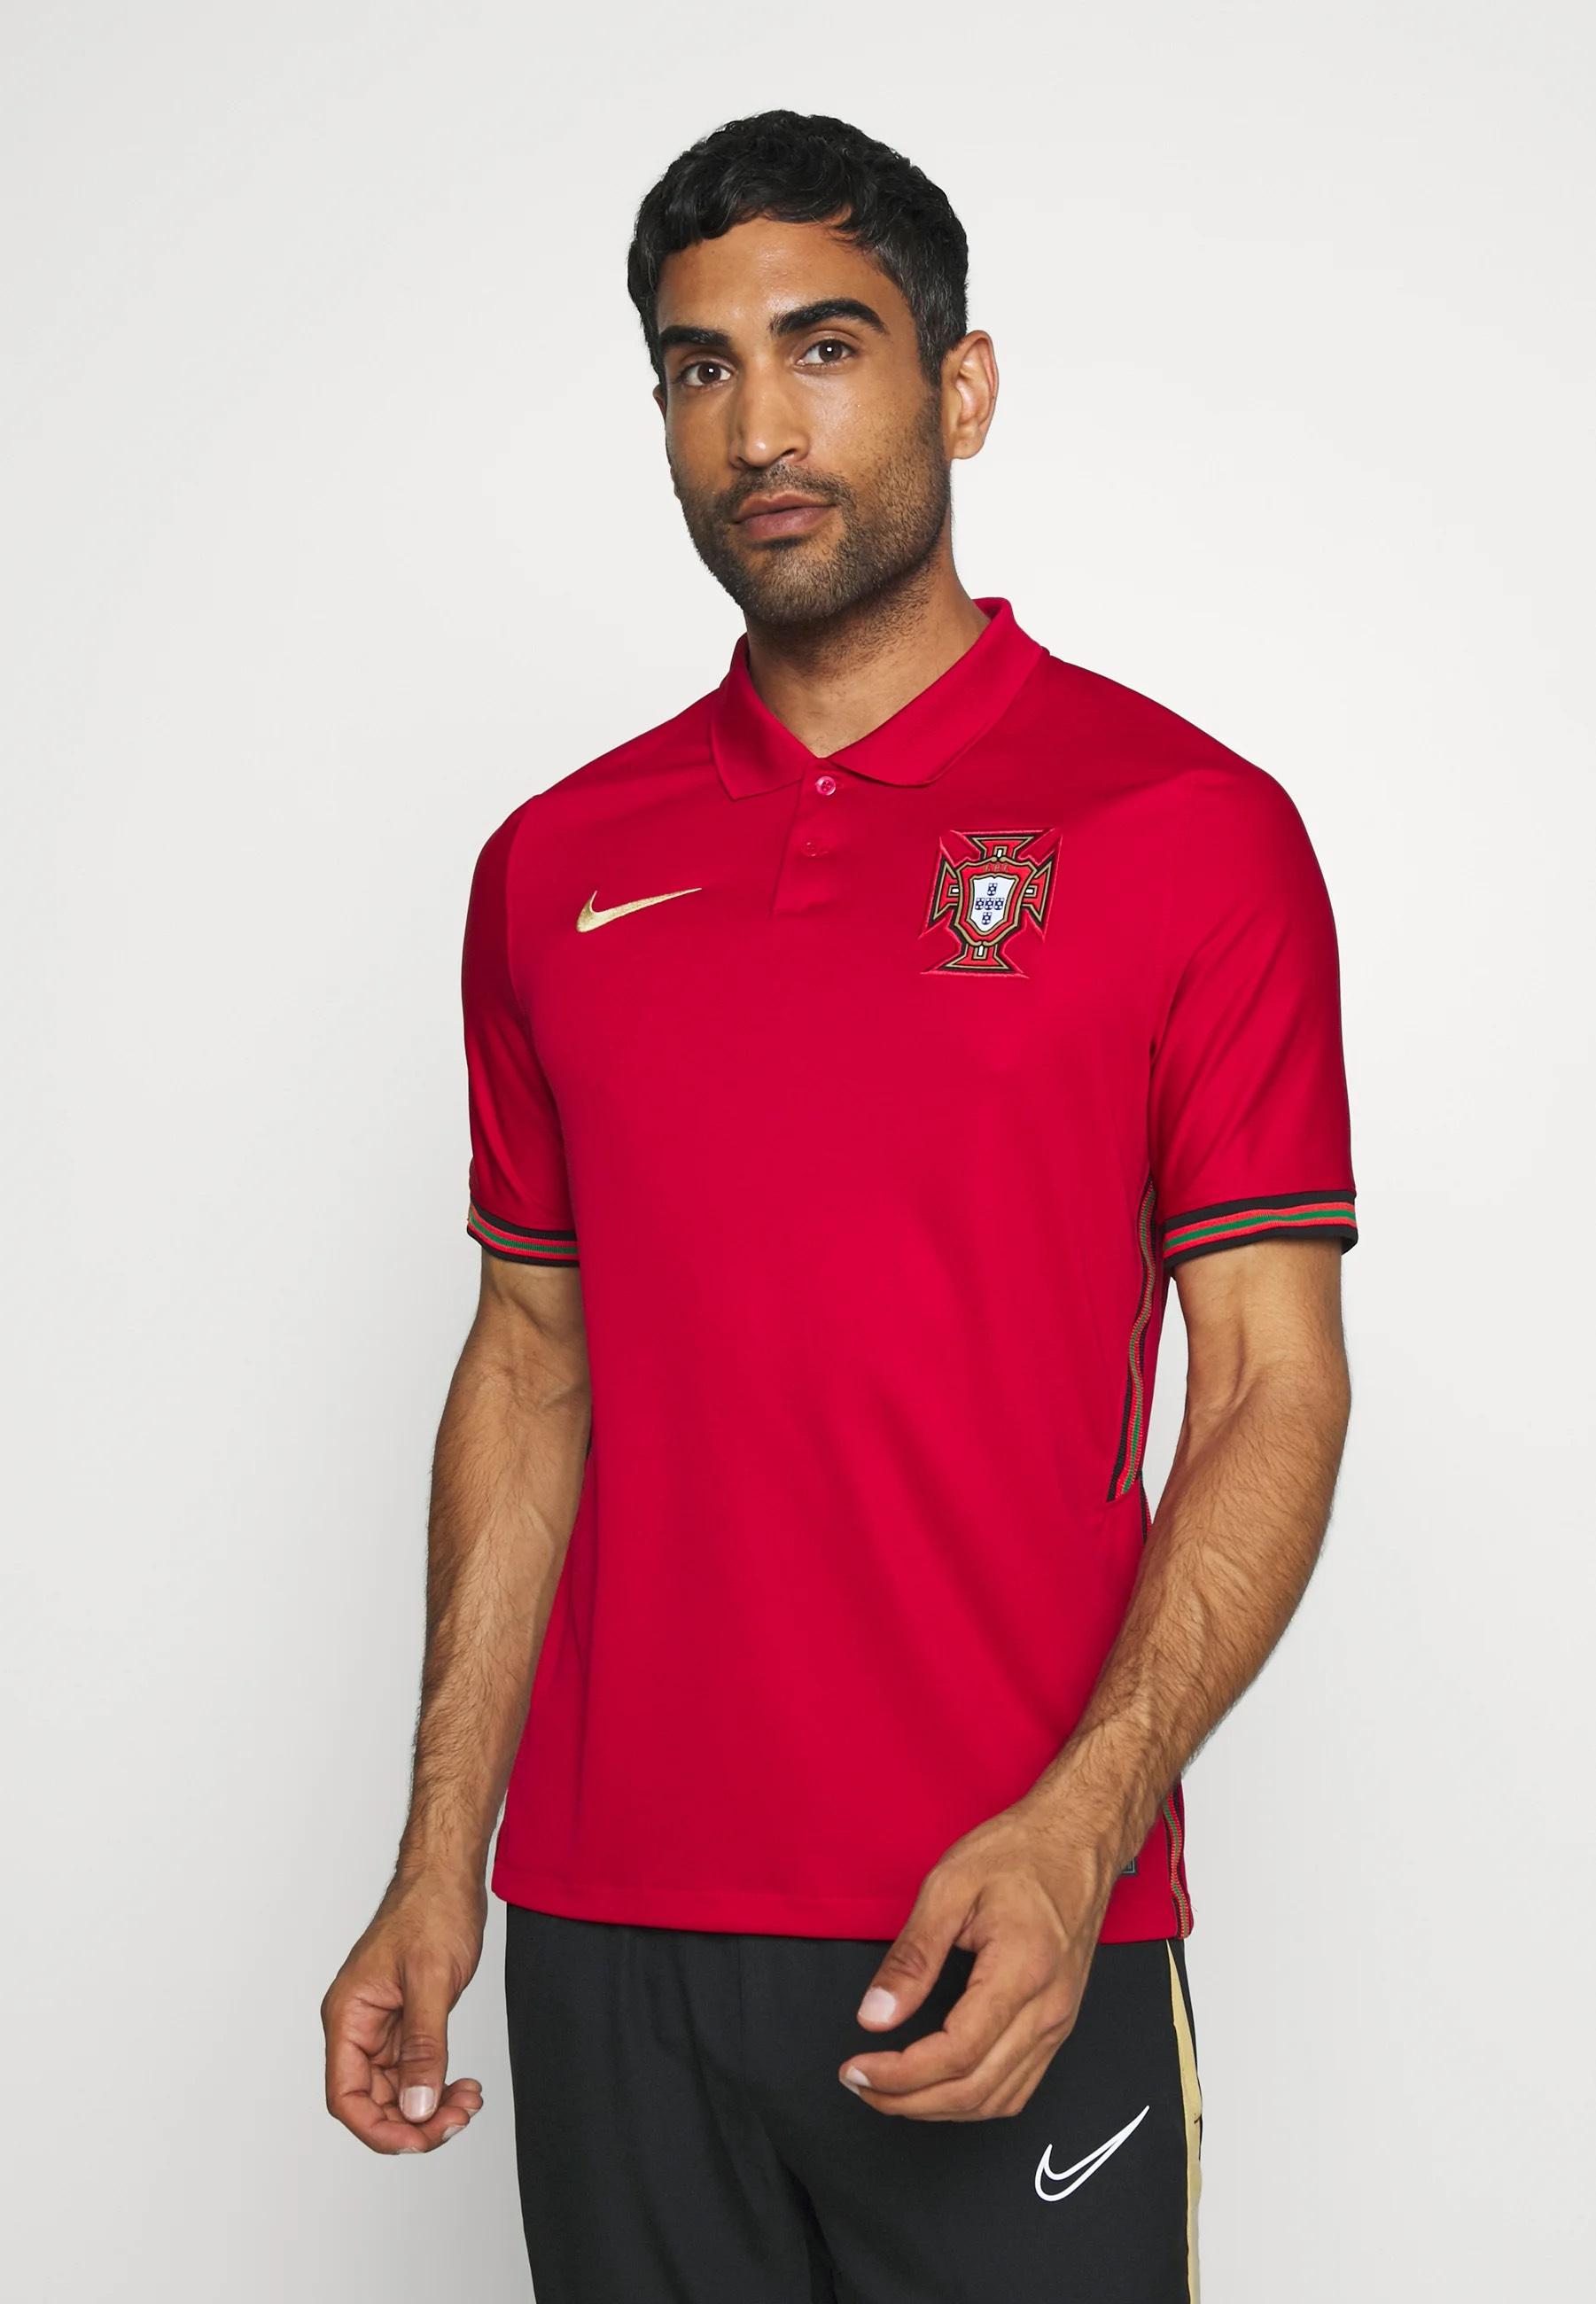 Maillot Portugal Nike Euro 2020 - Taille au choix